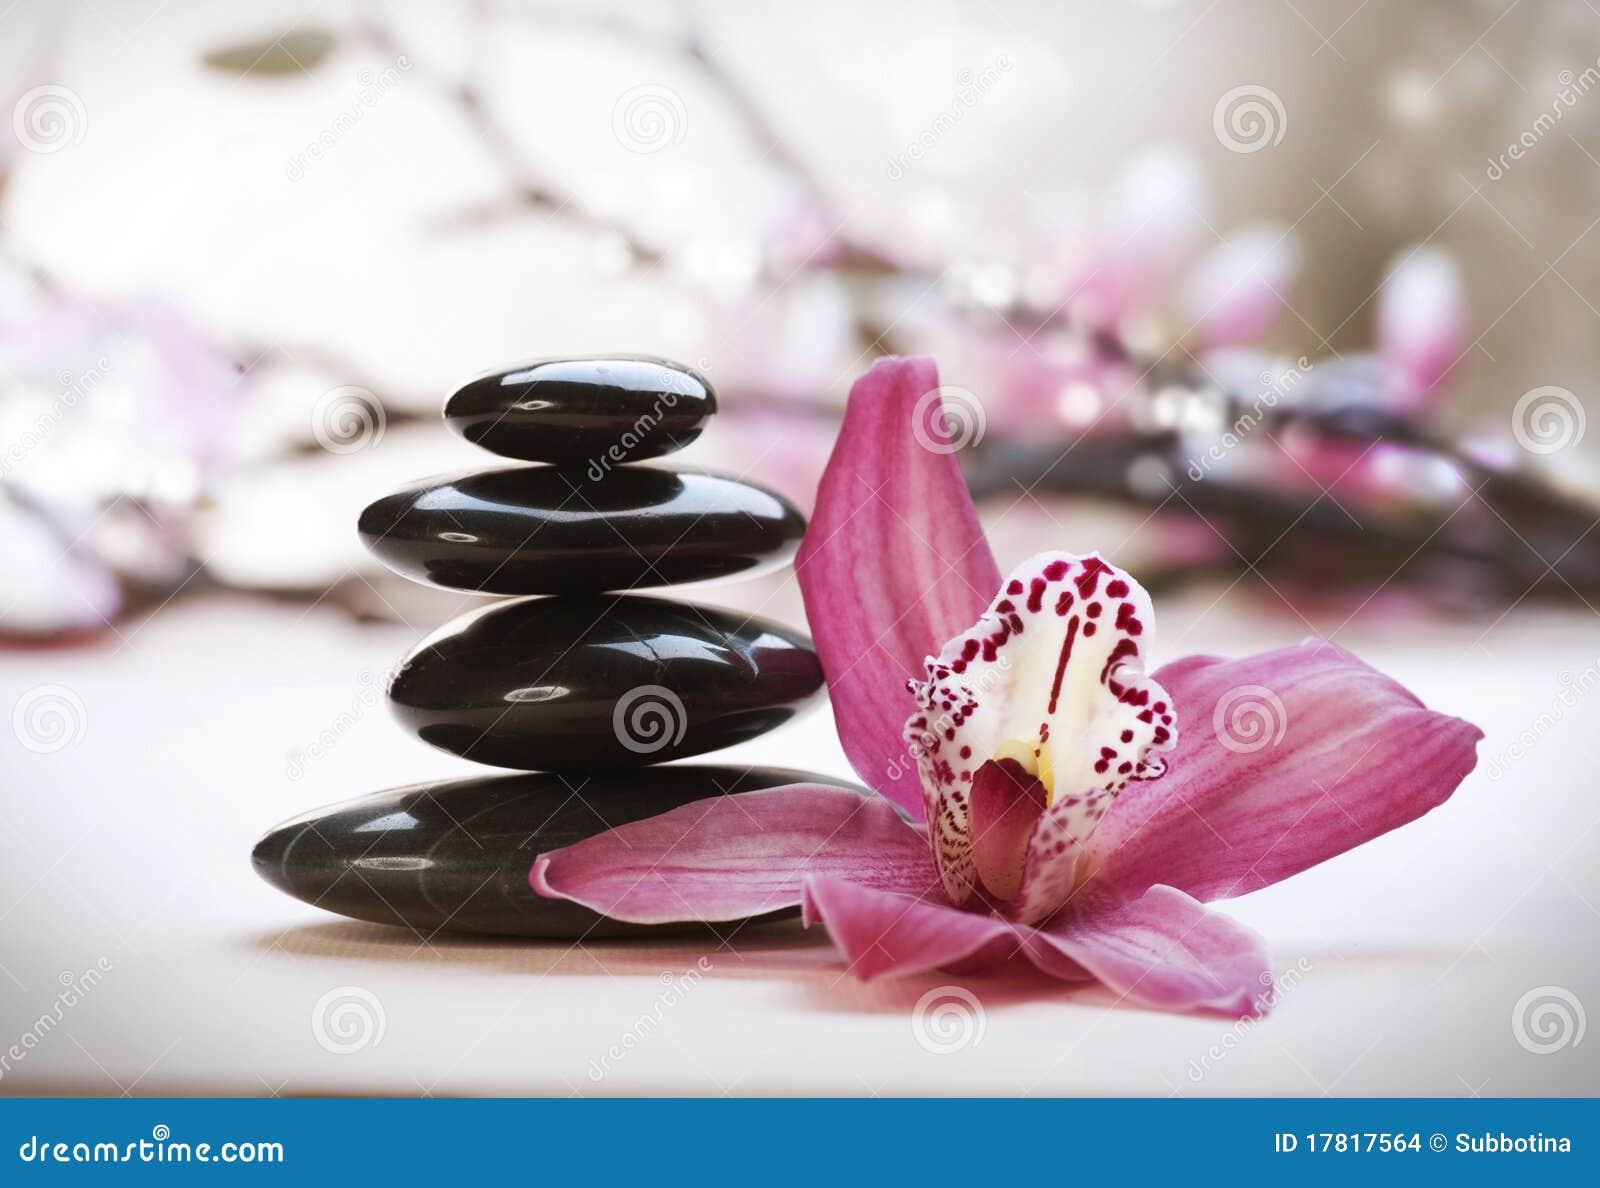 Pila de piedras del zen imagenes de archivo imagen 17817564 for Imagenes zen